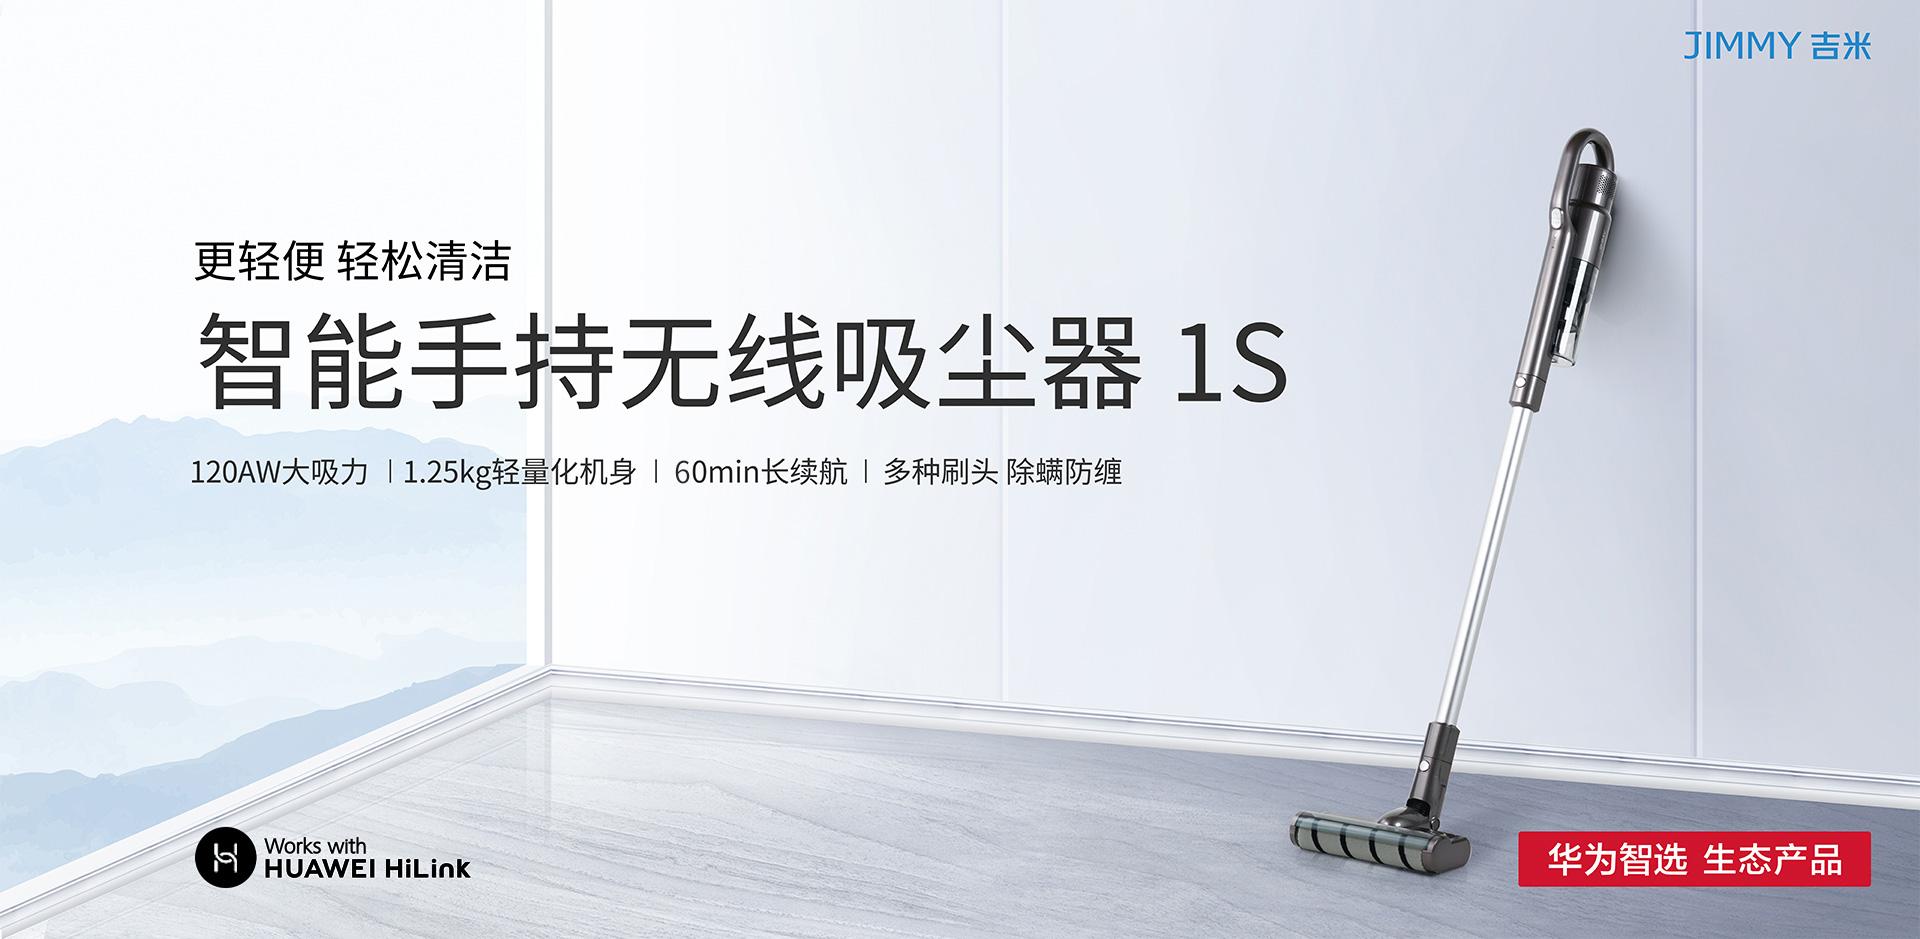 Huawei Vacuum Cleaner 1S